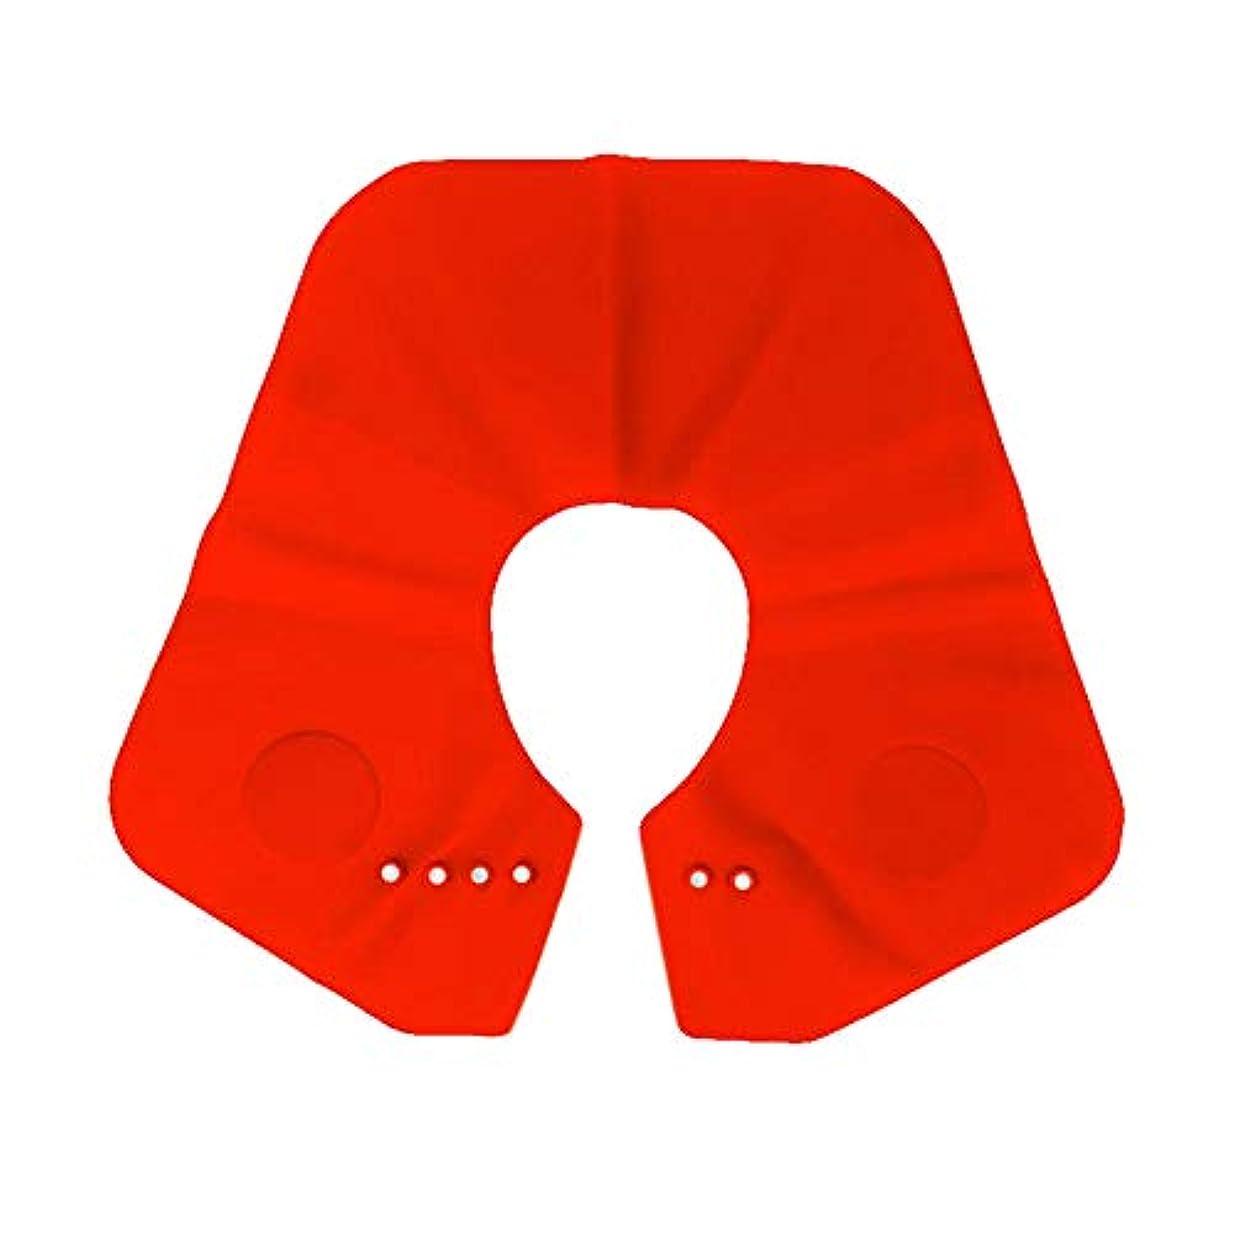 劣る感嘆符アトラスGaoominy シリコーン ショール シリコーンカット スーパーカラーネックシールドヘアカットショール防水焦げ付き防止ヘアスタイル脱毛 赤色